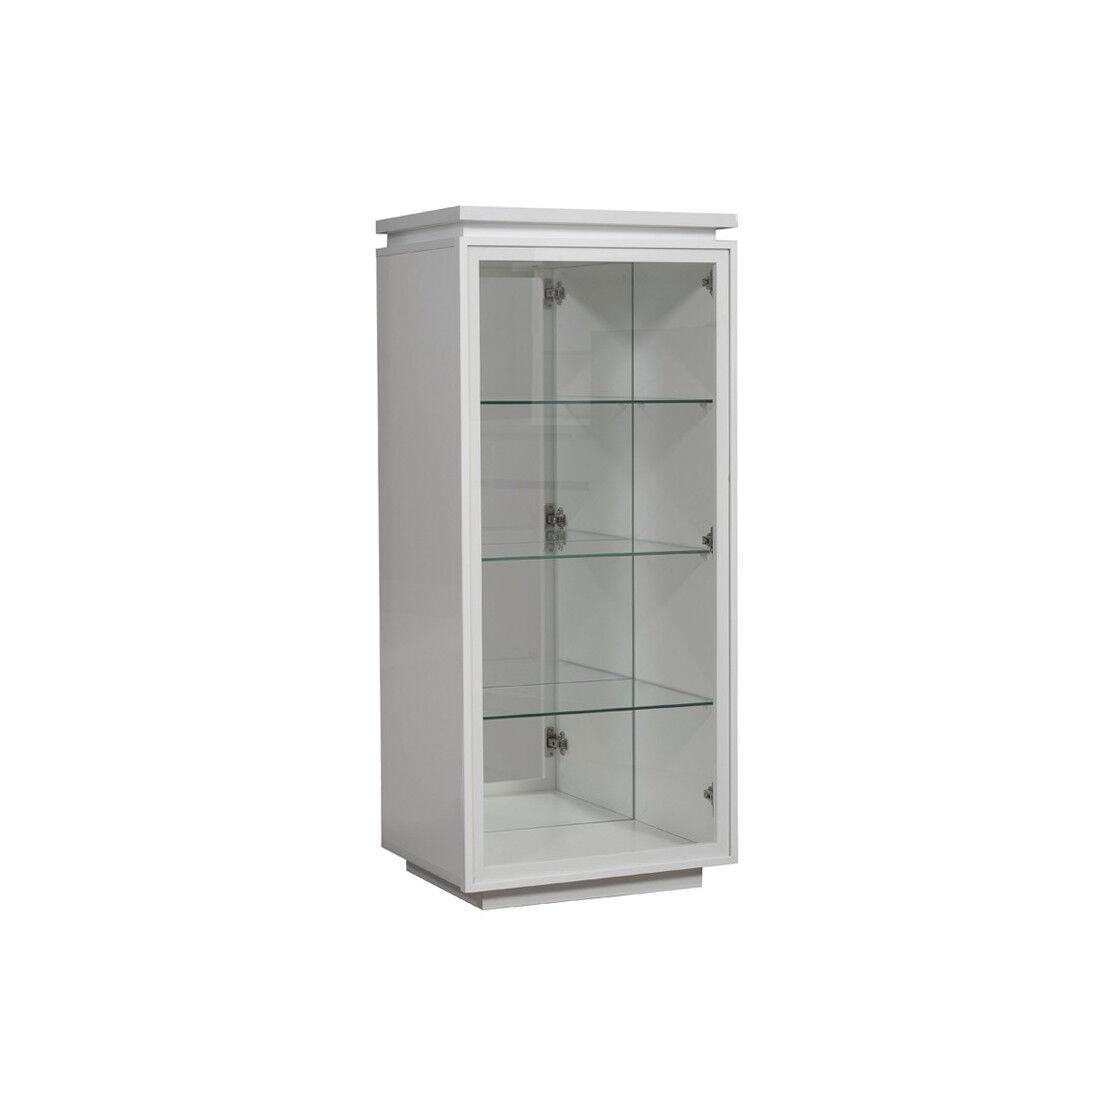 Tousmesmeubles Vitrine laque blanche 1 porte verre - CARMEN - L 55 x l 45 x H 125